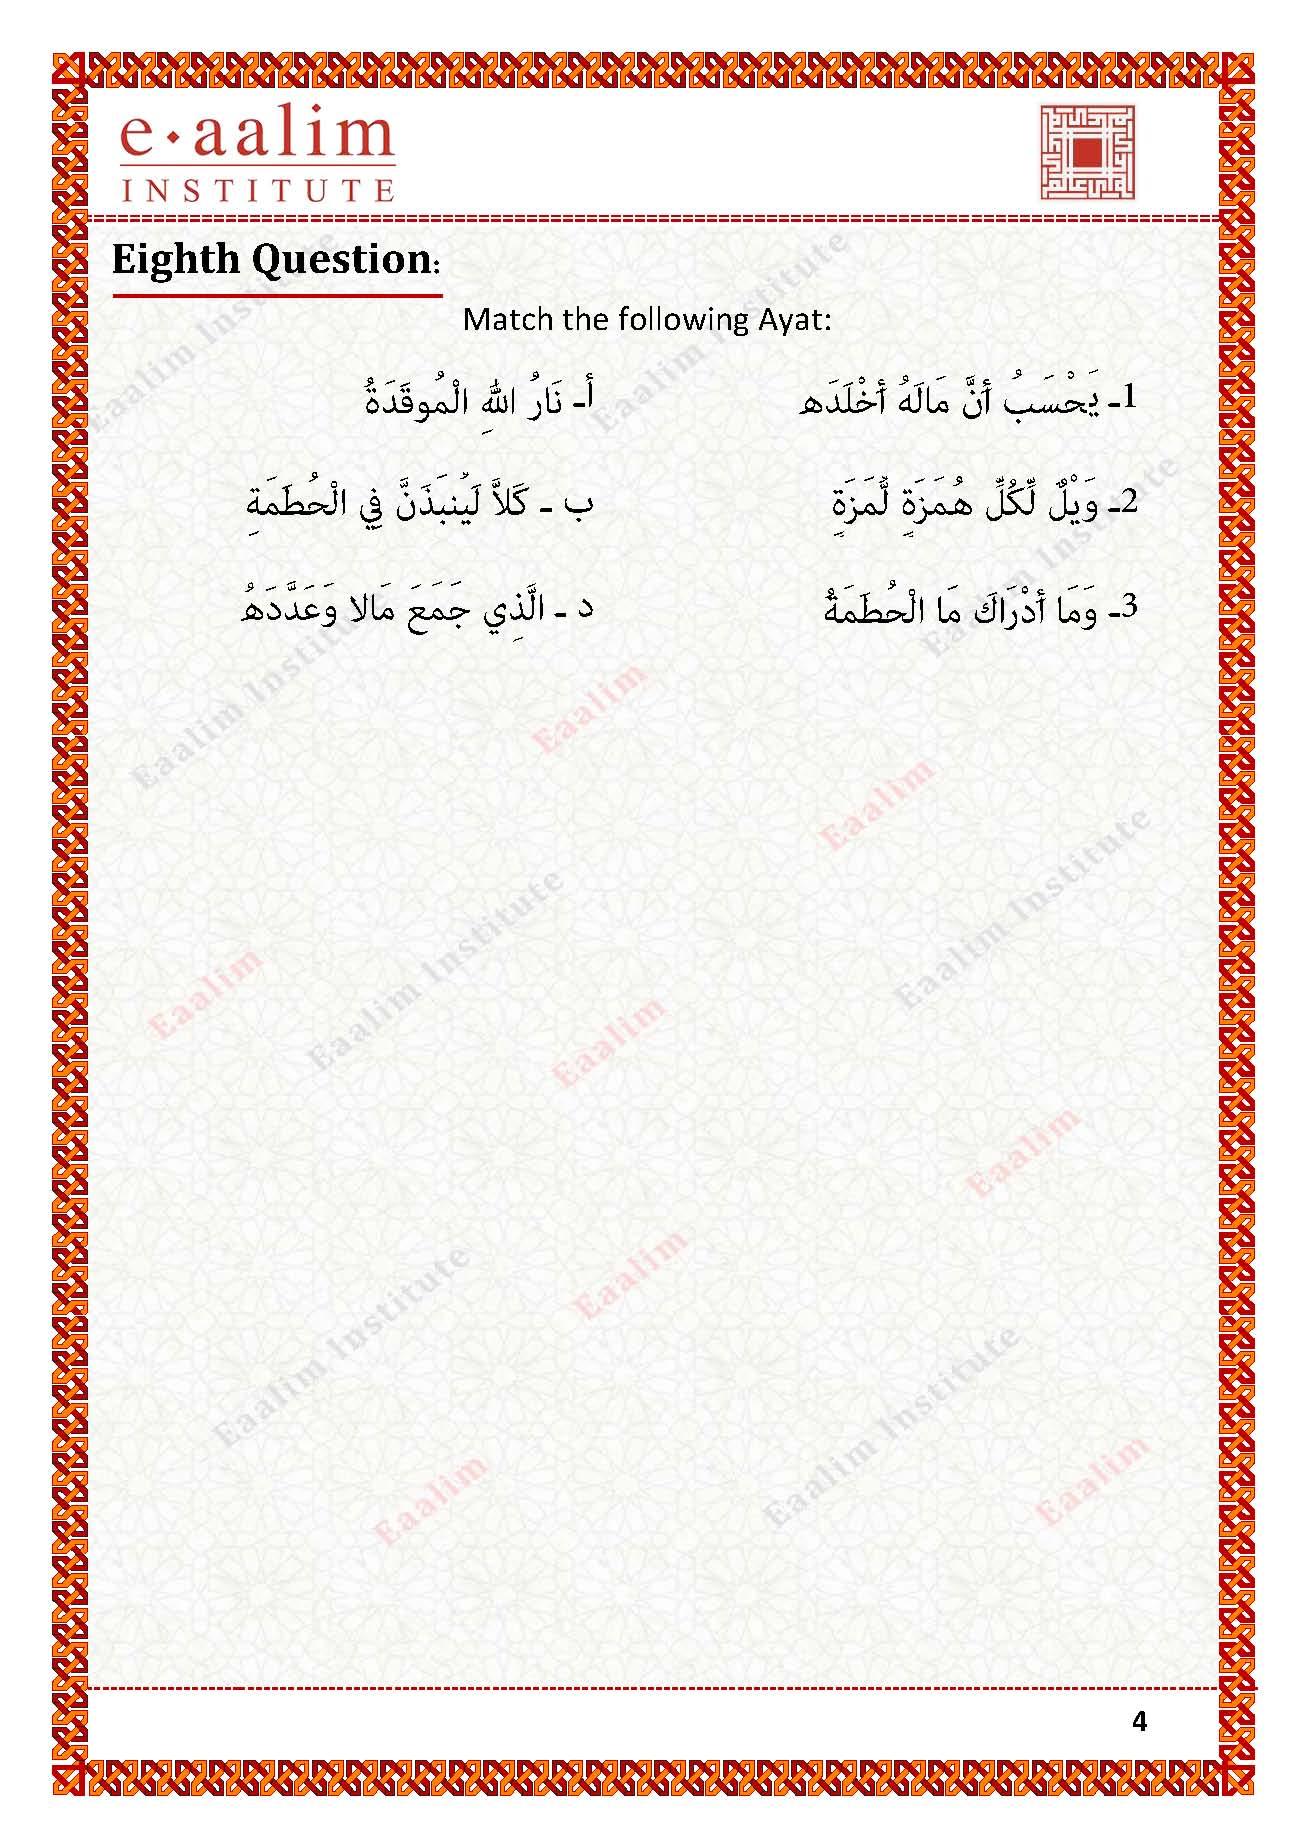 Al-Humaza